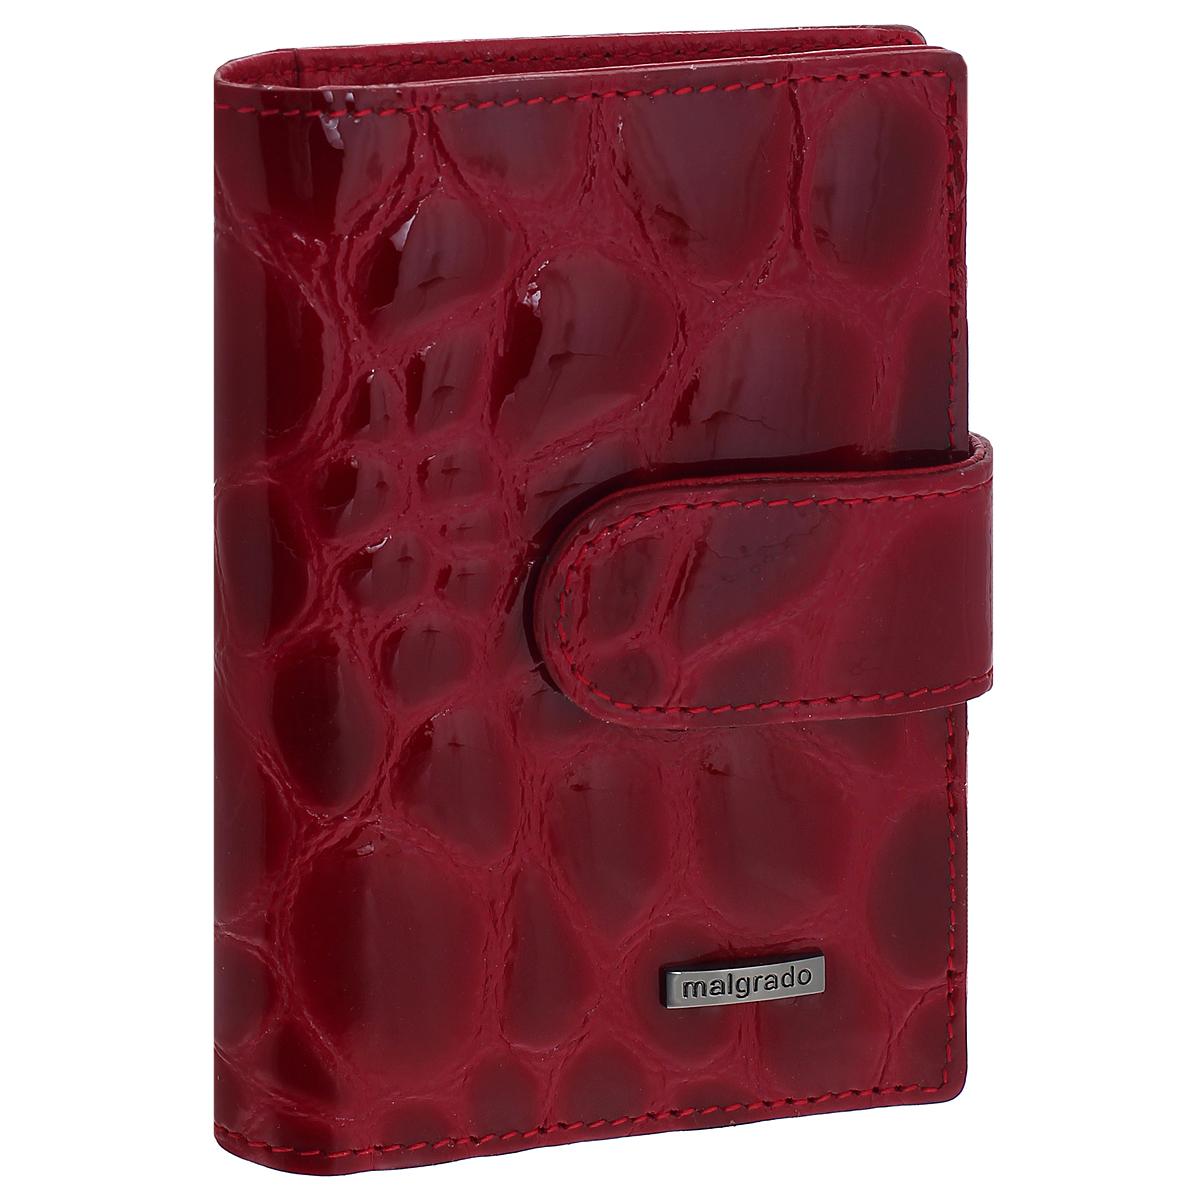 Визитница Malgrado, цвет: красный. 42003-1N-3840242003-1N-38402Стильная визитница Malgrado с веерным открытием изготовлена из натуральной кожи с тиснением под rhjrjlbkf. Внутри содержит прозрачный вкладыш с двадцатью отделениями для кредитных и дисконтных карт. На боковых стенках имеются два дополнительных отделения для пропуска и карт. Закрывается визитница на клапан, на одну из двух кнопок. Такая визитница станет замечательным подарком человеку, ценящему качественные и практичные вещи.